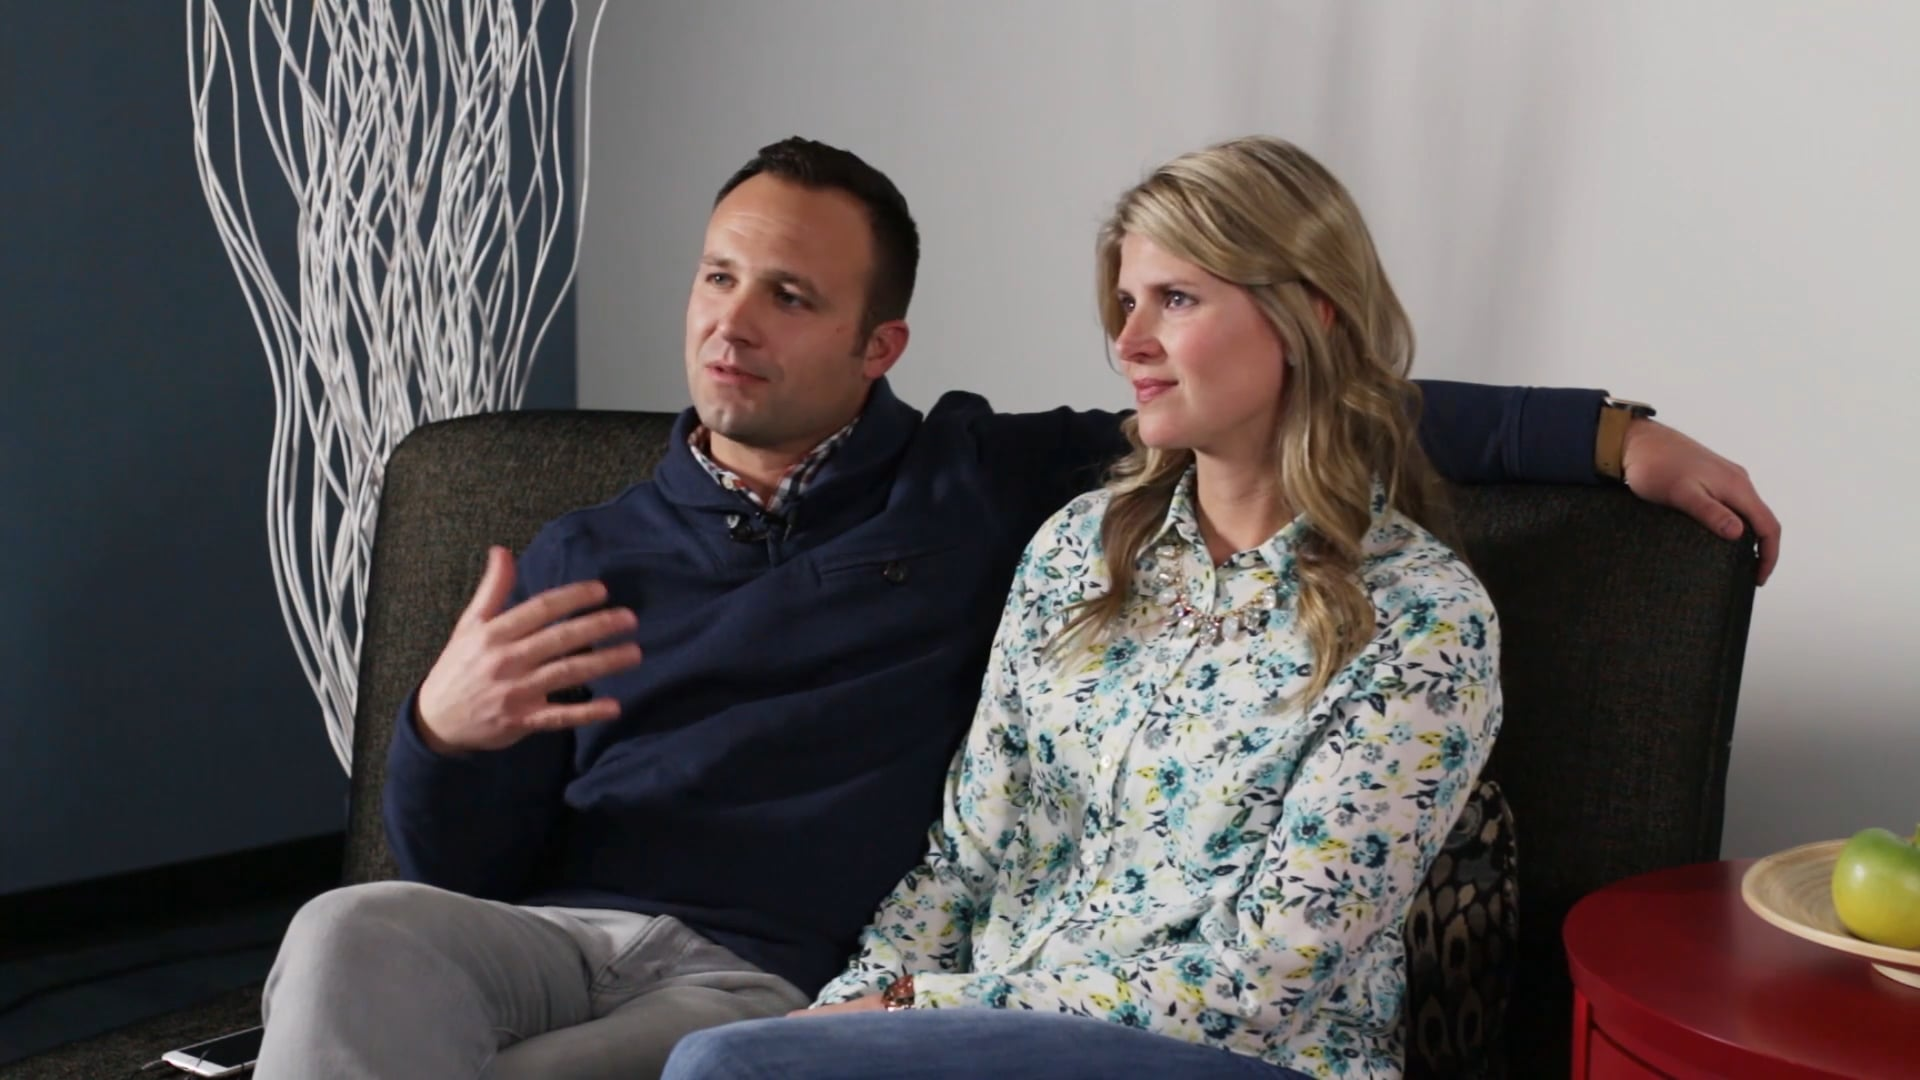 Ron & Erin's Interview